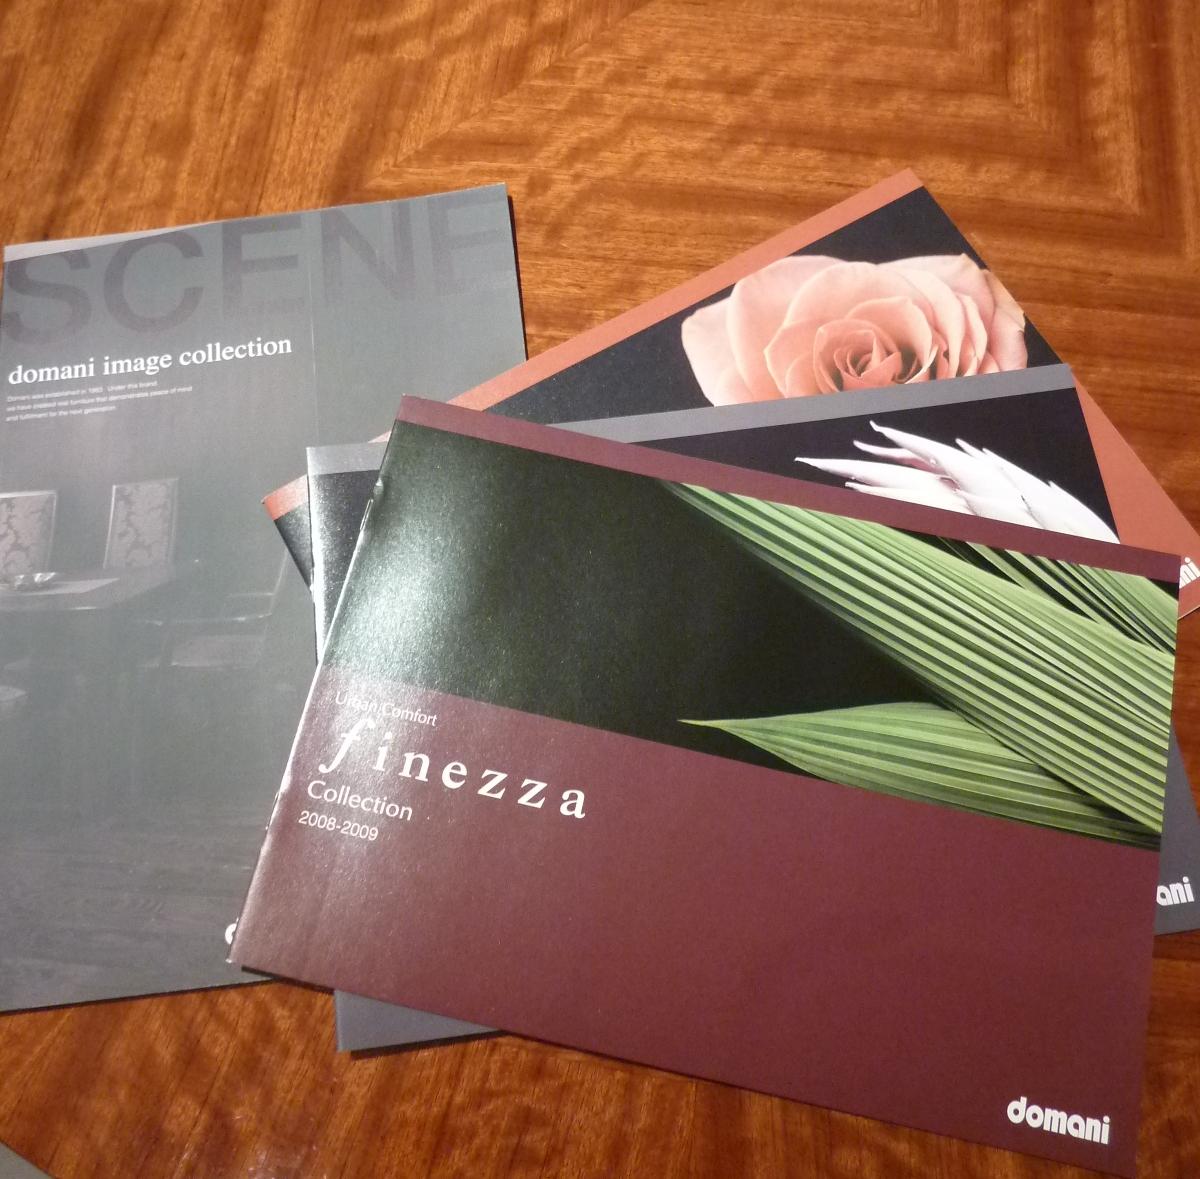 http://www.karimoku.co.jp/blog/domani-nihonbashi/P1000917.JPG